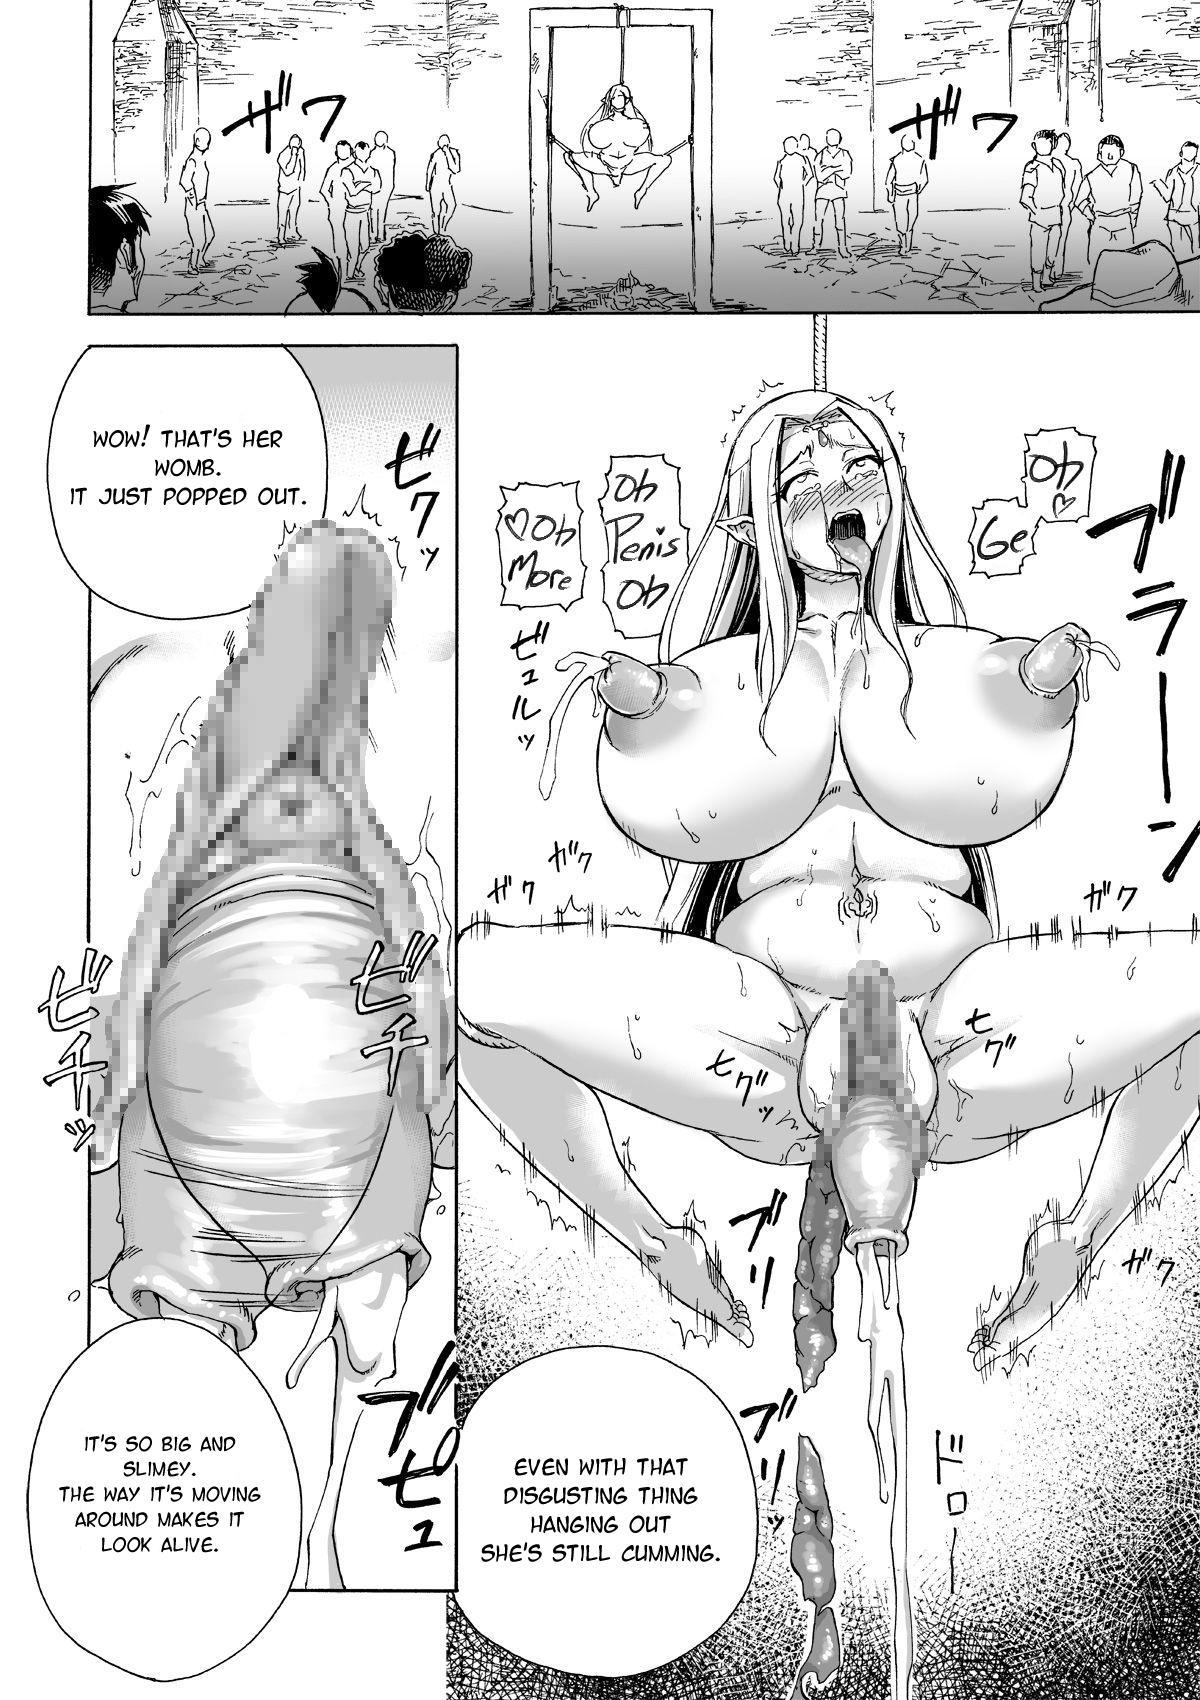 [Ido no Soko (Kei-kun)] Majo no Rakujitsu 2 -Kagyaku- | Witch's Final Hour 2 -Cruel Torture- [English] [Moko_T] 42